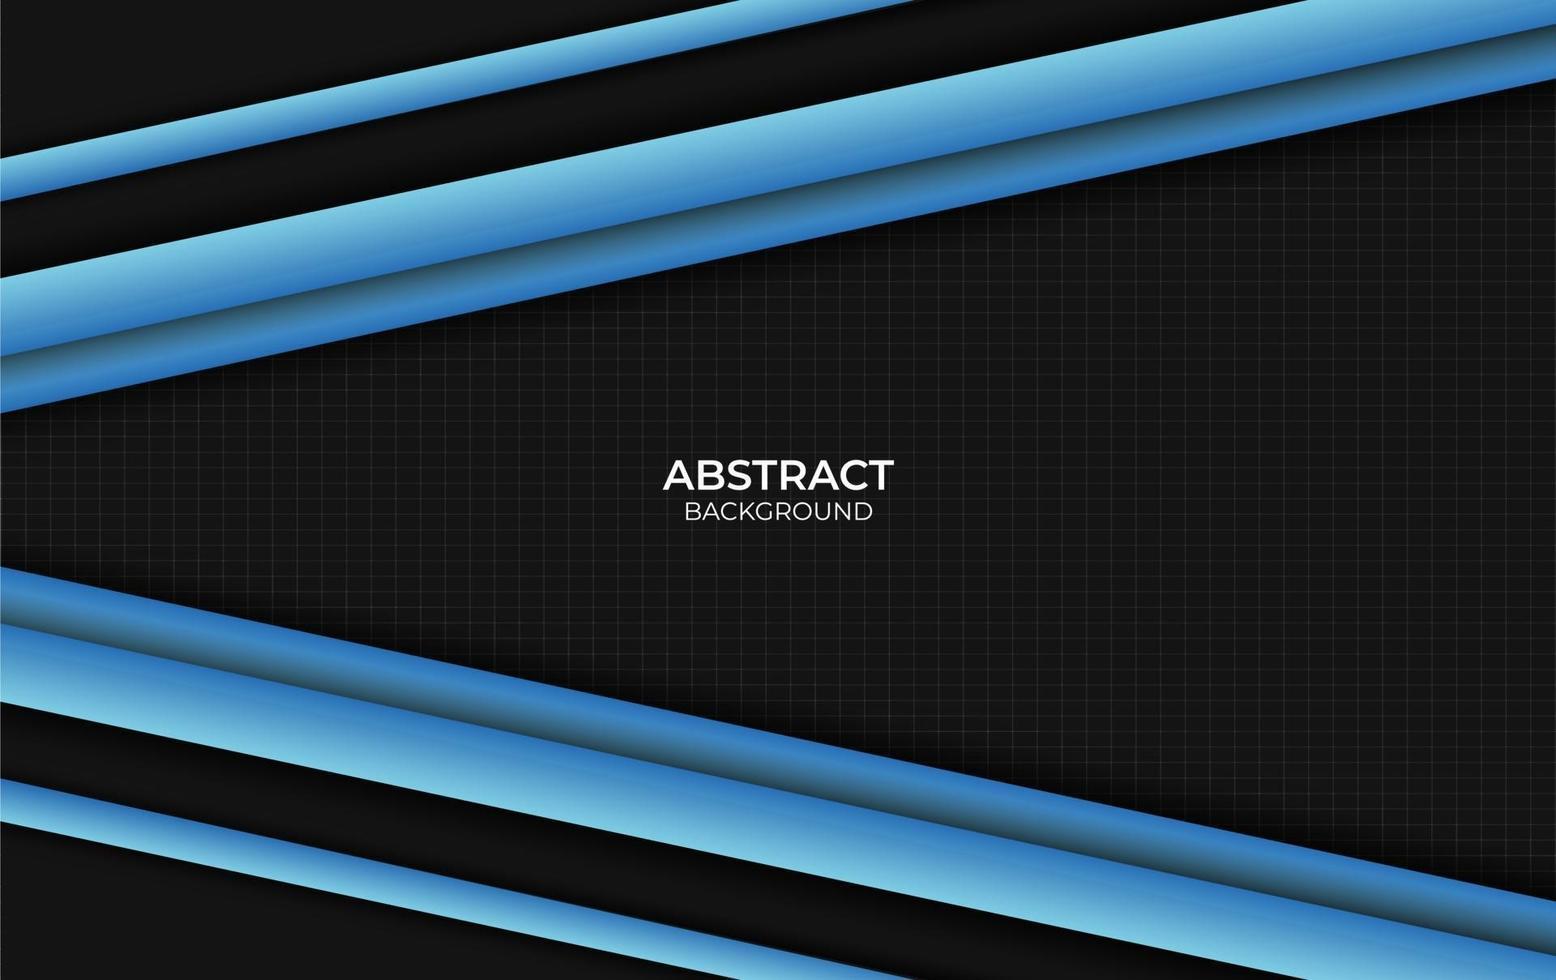 fond abstrait design bleu et noir vecteur